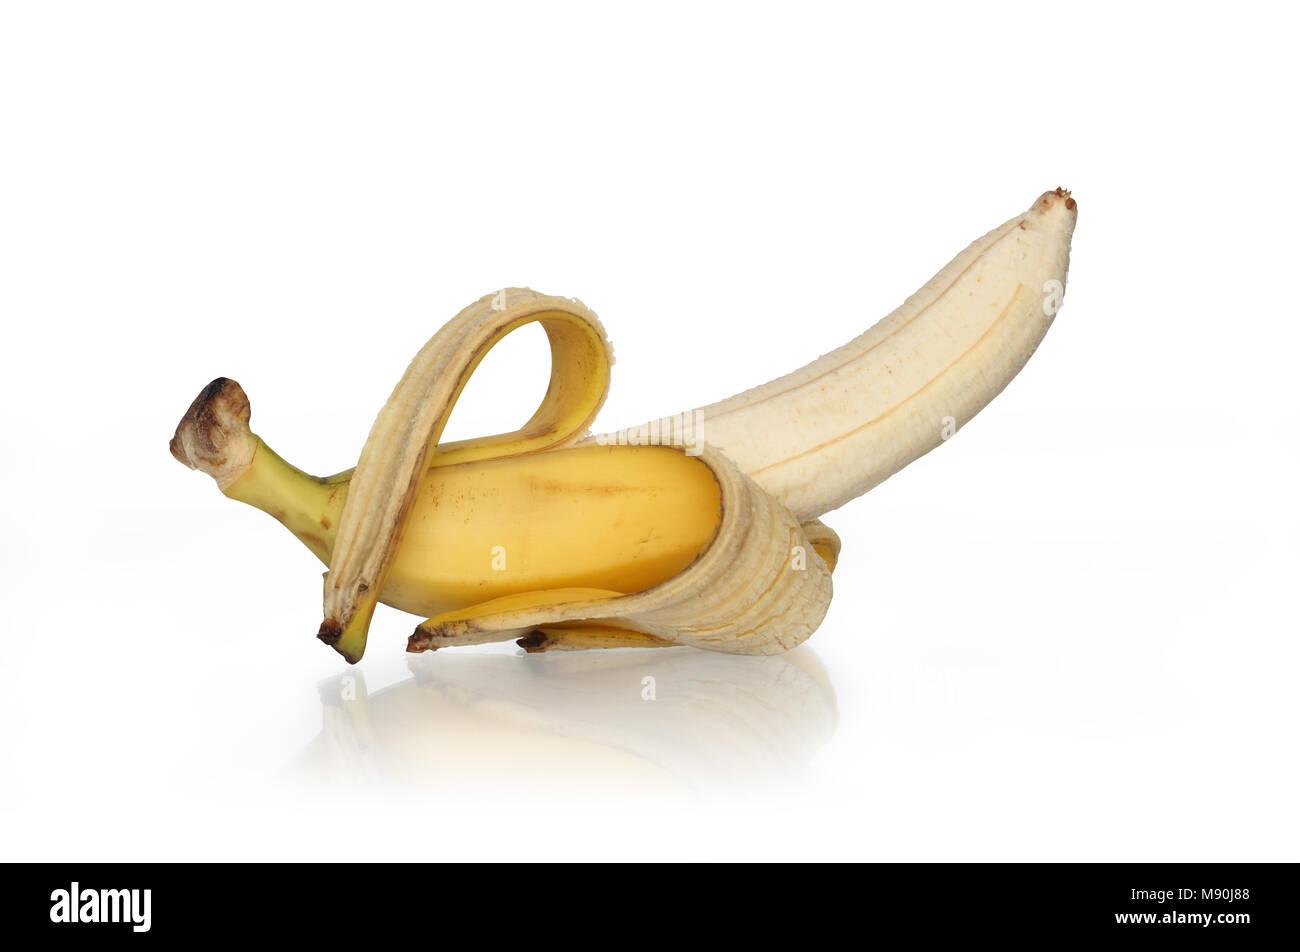 Berühmt Geschälte Banane Malvorlagen Bilder - Malvorlagen Von Tieren ...